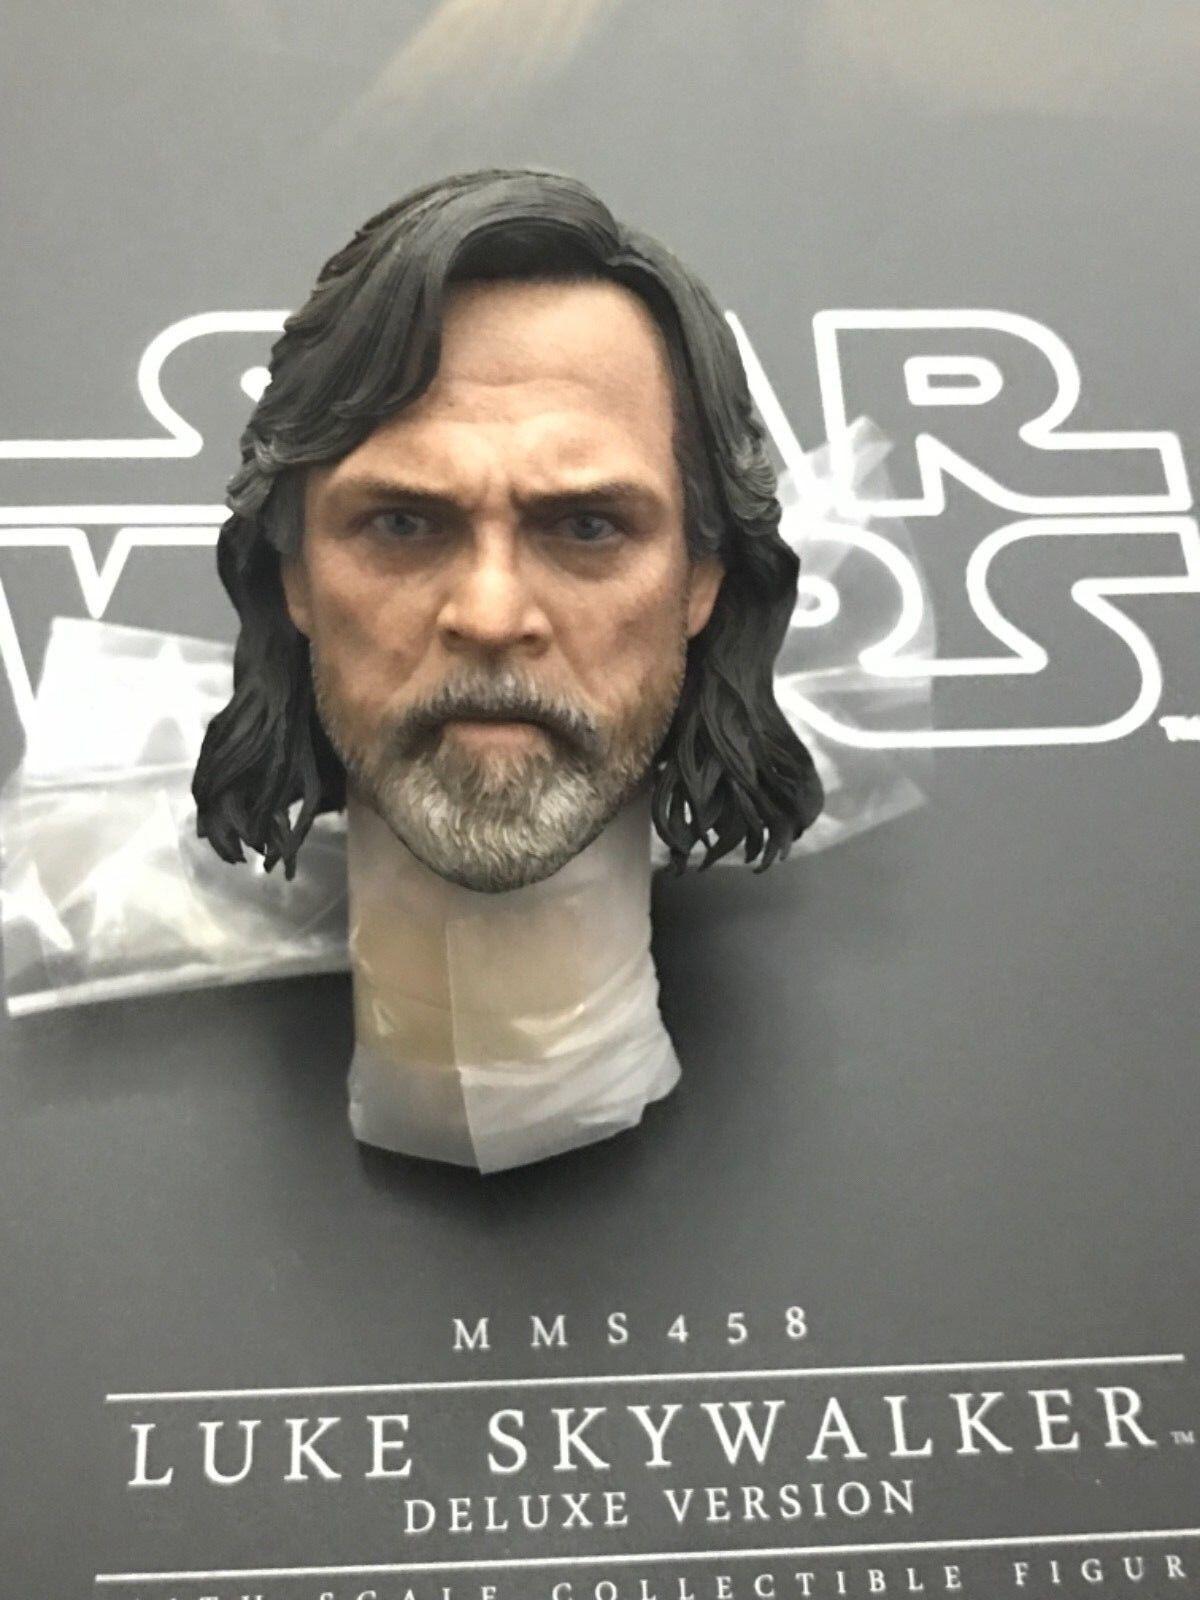 Hot Juguetes Estrella Wars Luke Skywalker MMS458 último Jedi - 1 6th Escala Escultura de cabeza